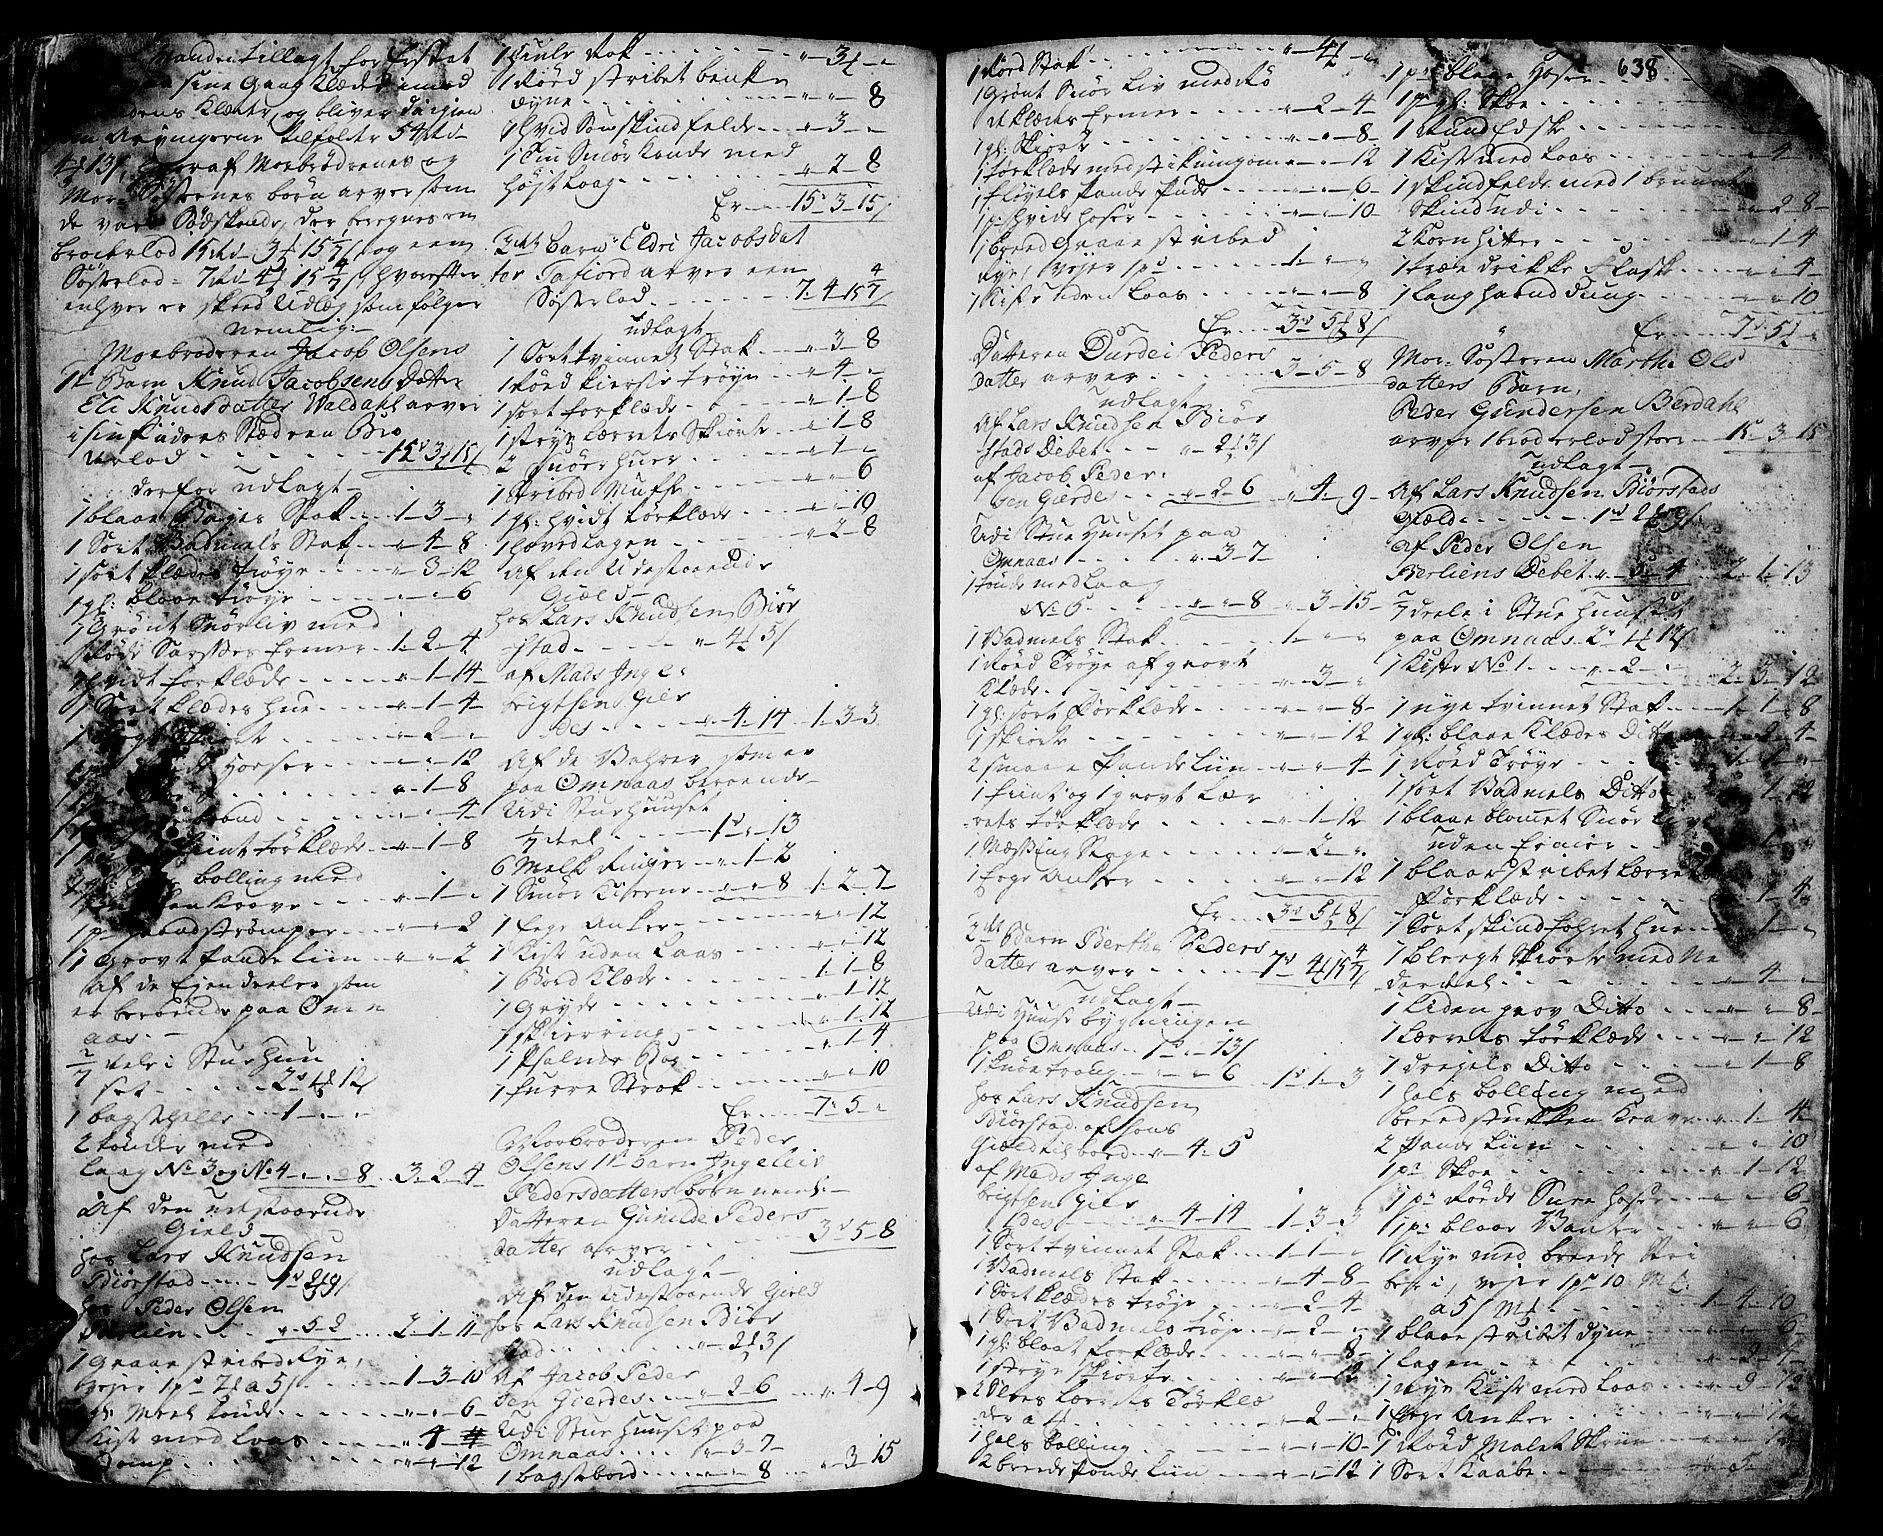 SAT, Sunnmøre sorenskriveri, 3/3A/L0020: Skifteprotokoll 14B, 1761-1763, s. 637b-638a